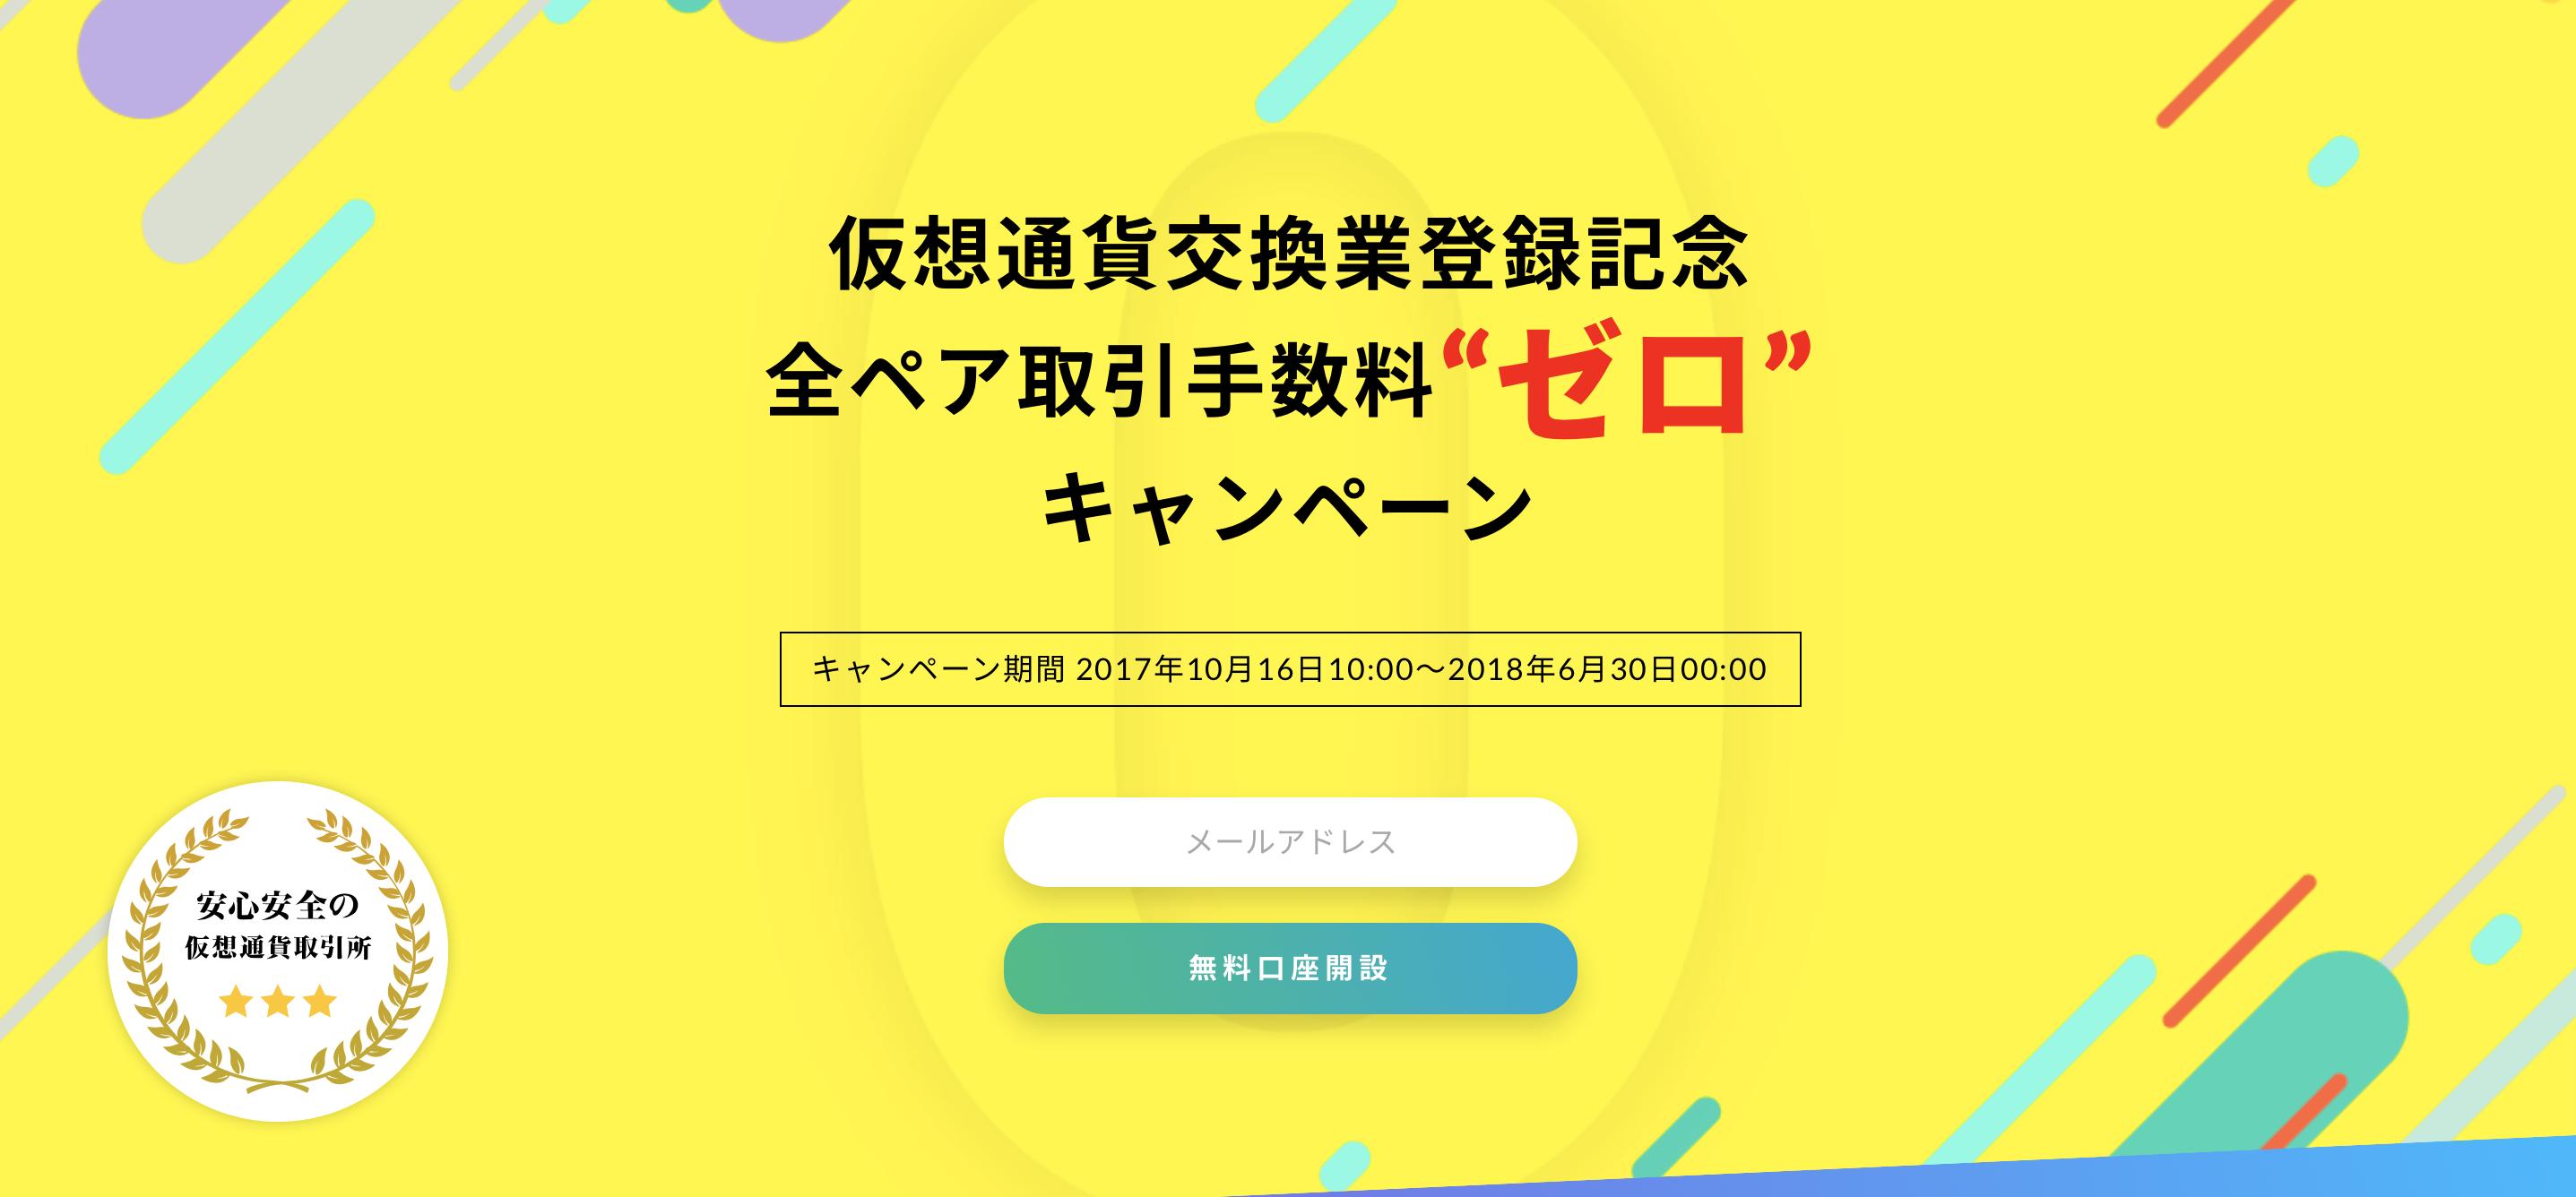 bitbank(ビットバンク)HPのトップページ画像